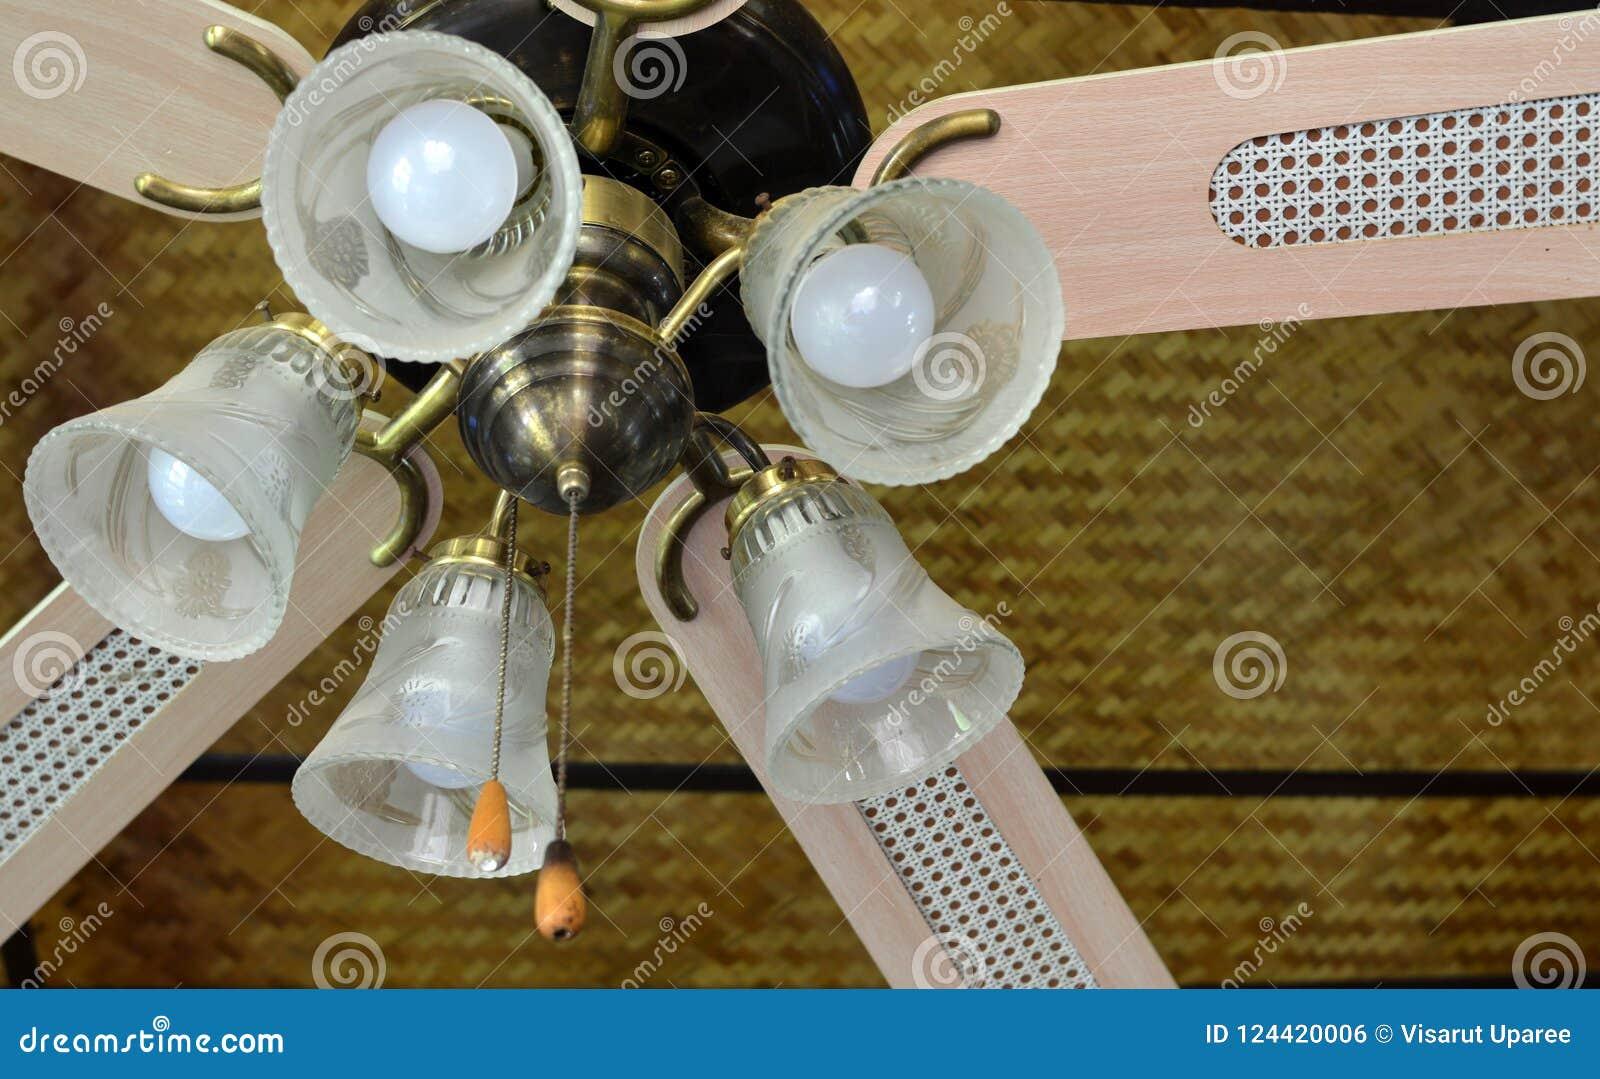 Лампы и потолочные вентиляторы на моей живущей комнате